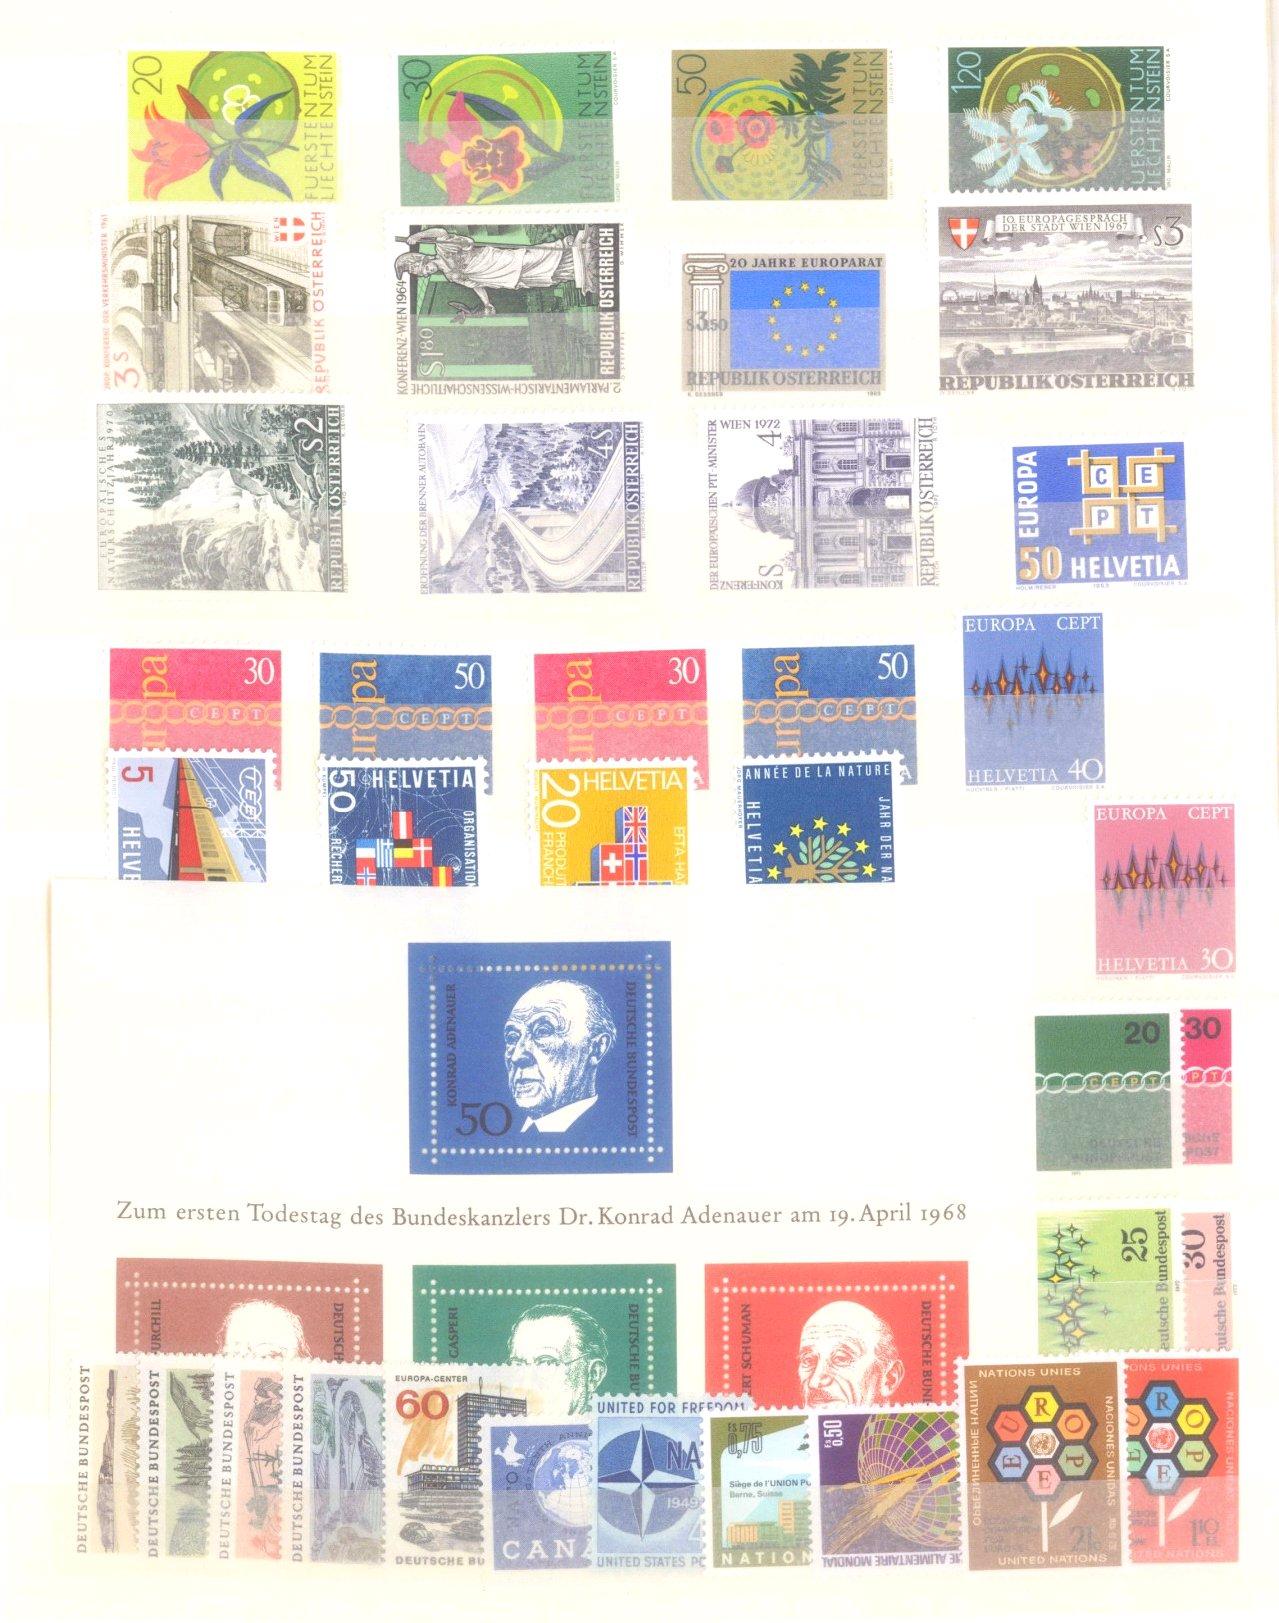 EURROPA CEPT mit SPANISCH – ANDORRA 1972-15